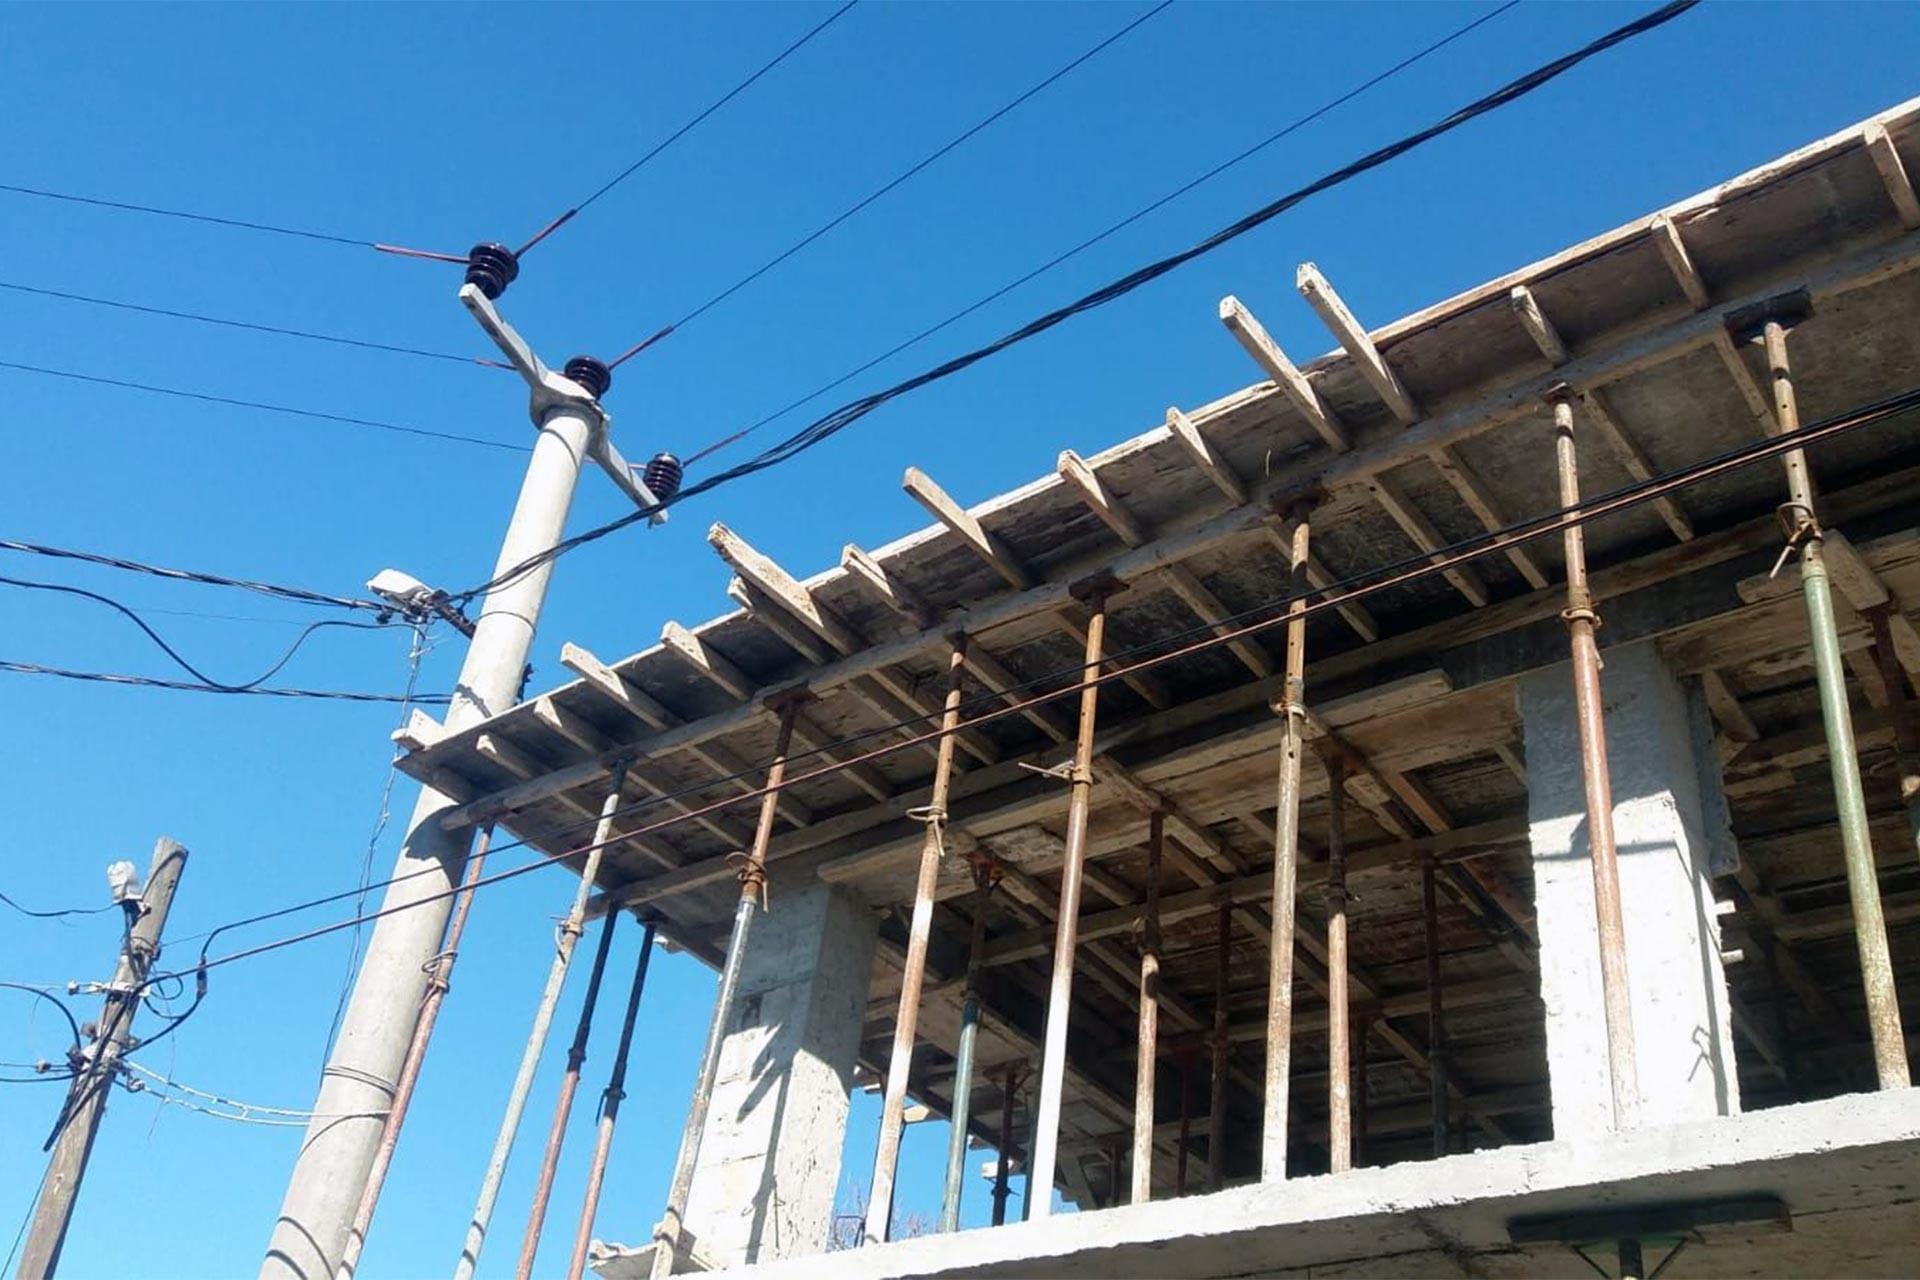 inşaat ve elektrik direği ile elektrik telleri